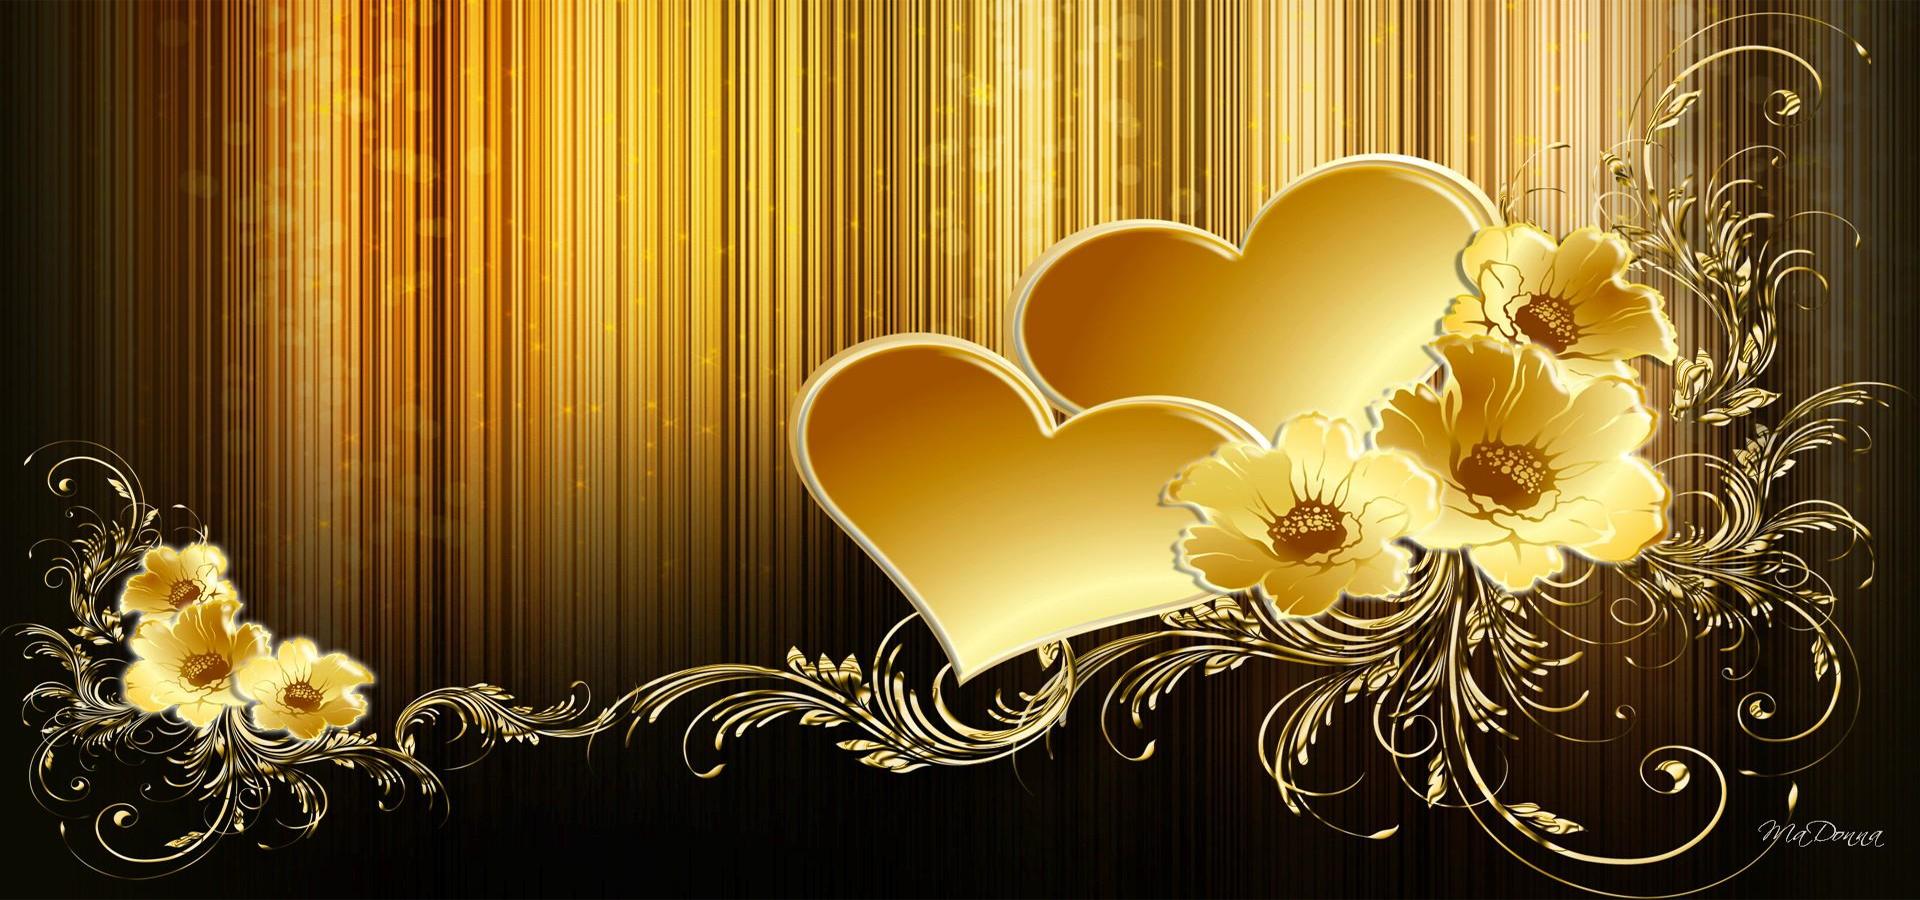 Открытка коричневая с золотом, лет